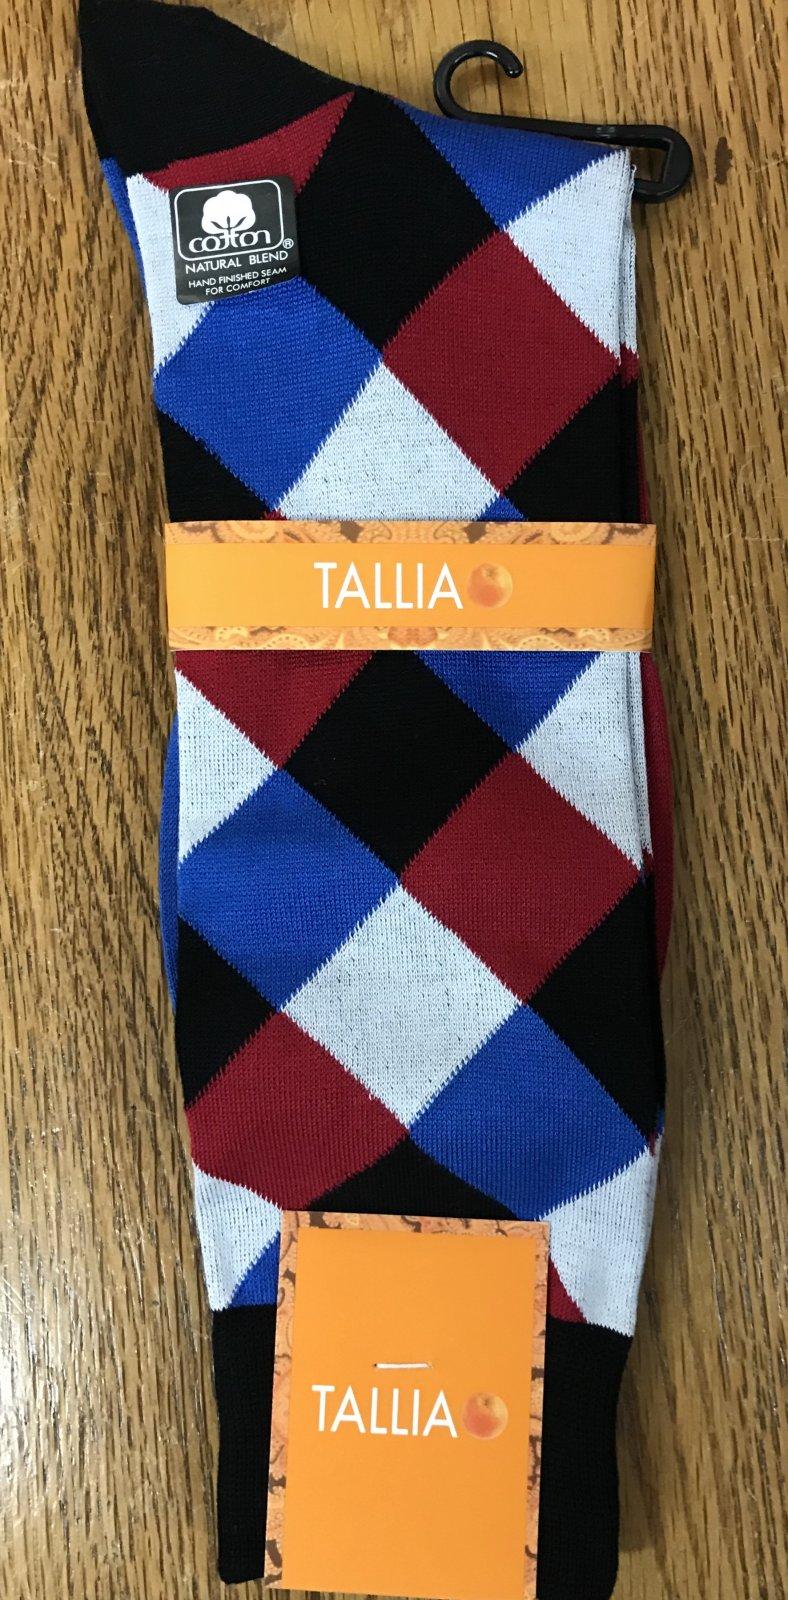 Tallia TS7203 Socks